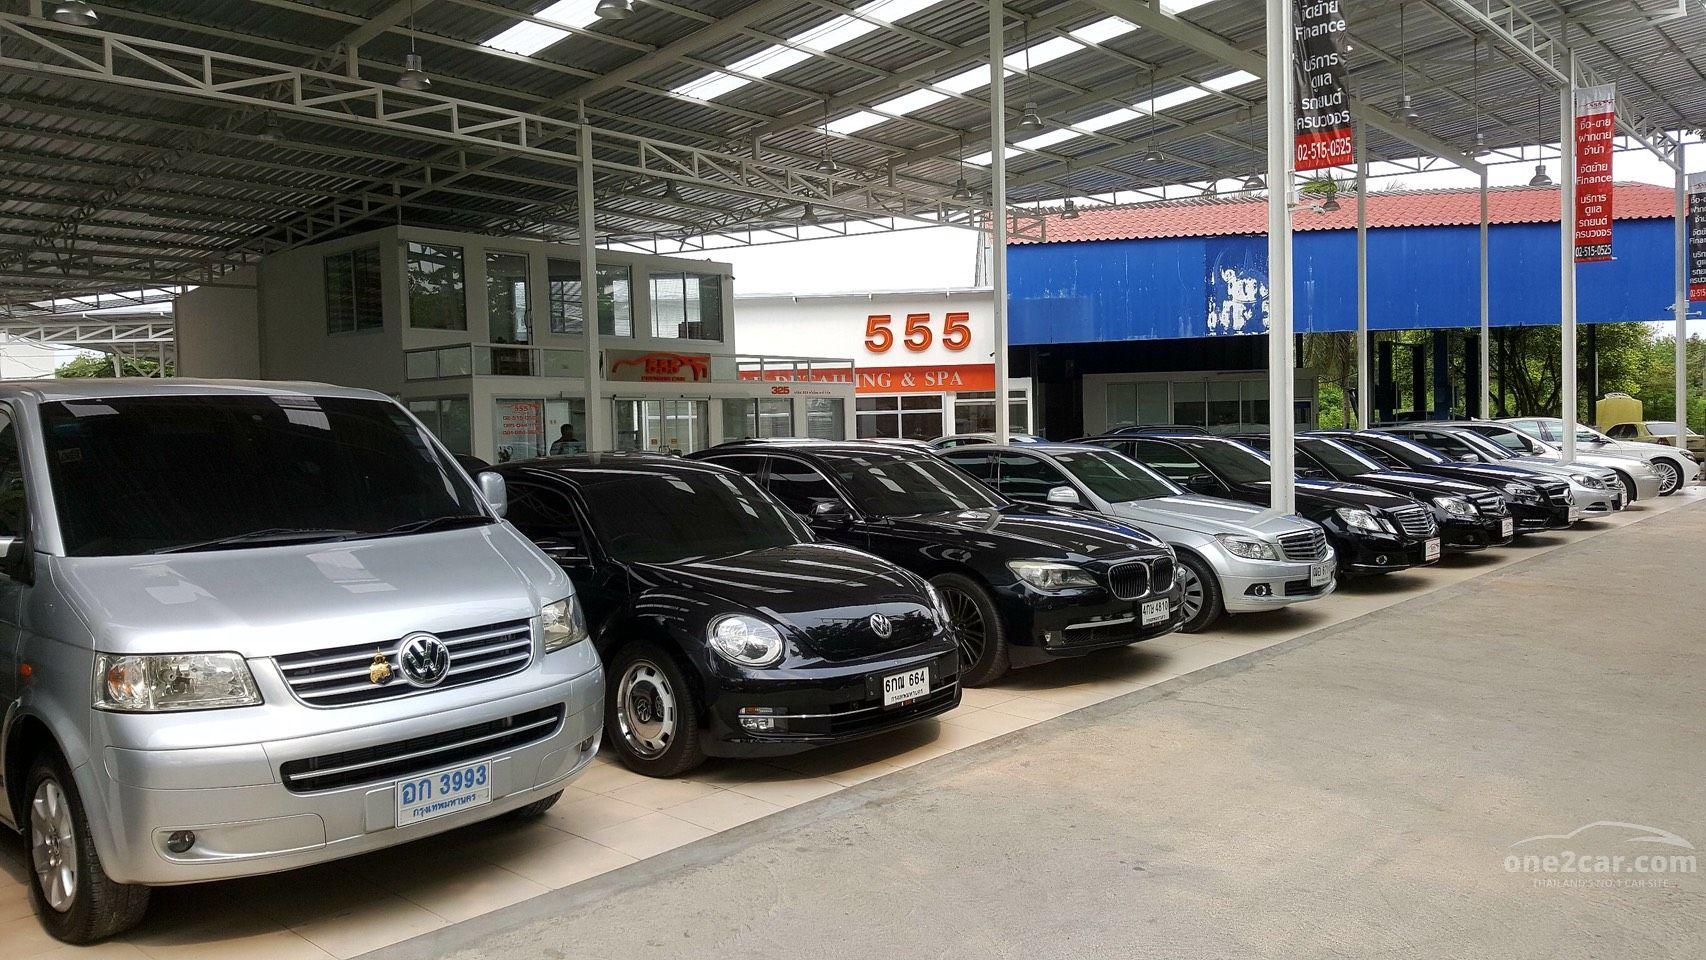 555 Premium Car